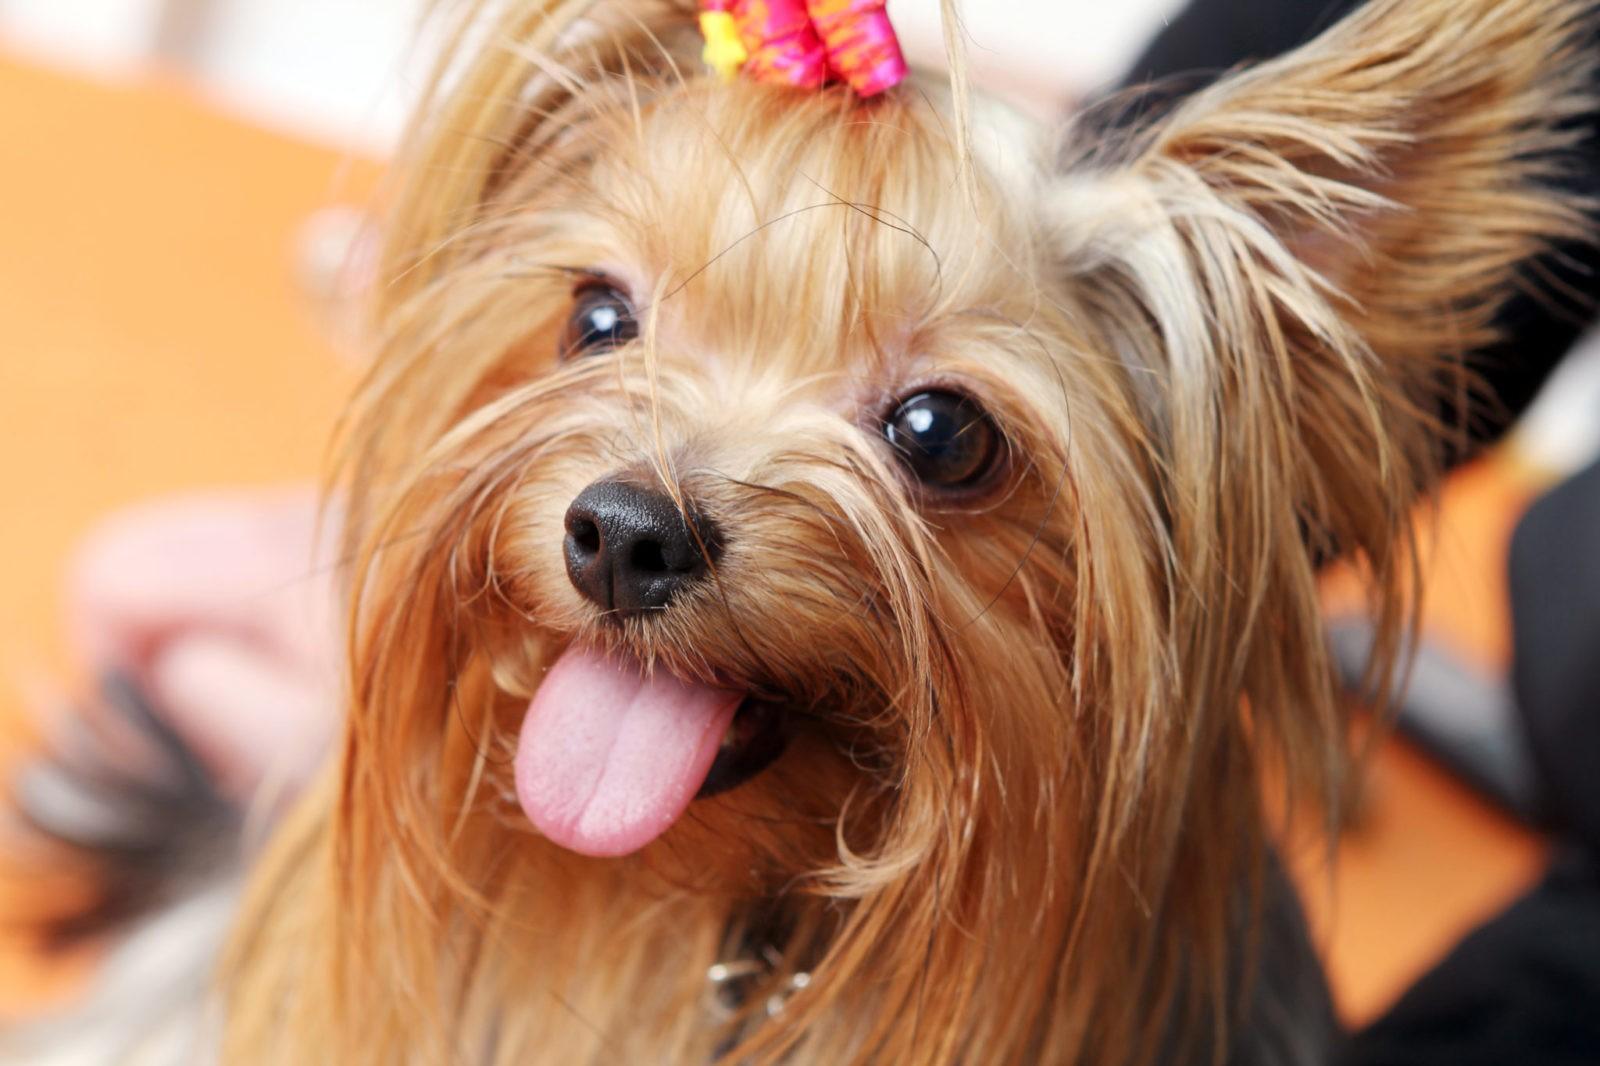 Estudo sugere que 3 em cada 4 cães podem sofrer de ansiedade 1